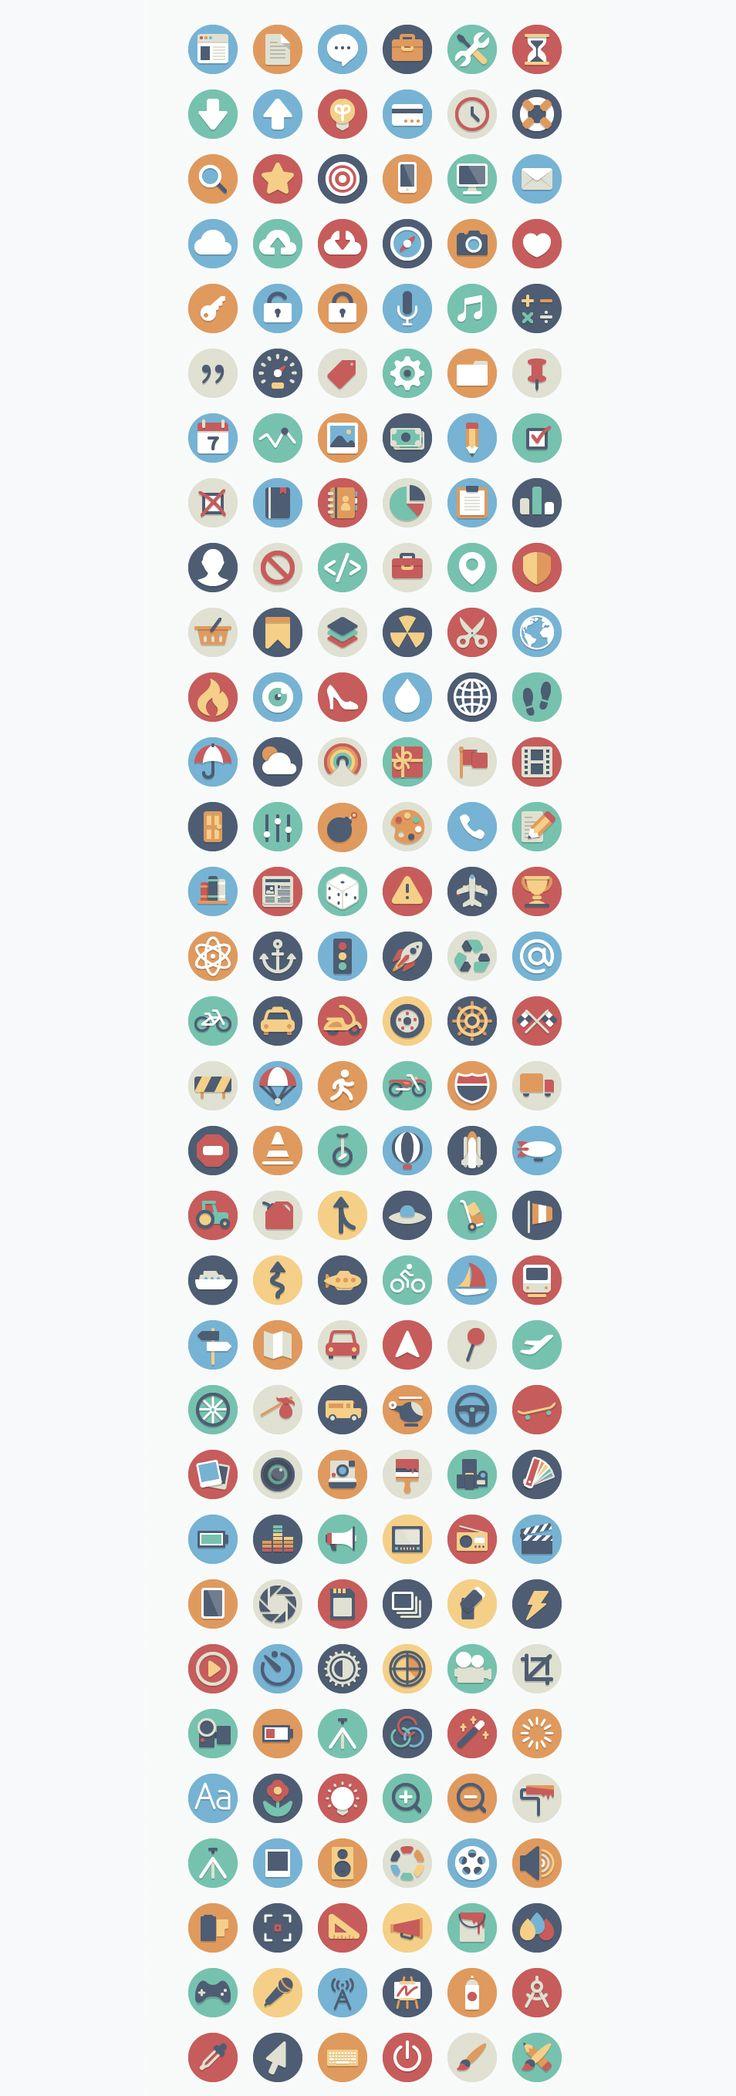 Beautiful Flat Icons